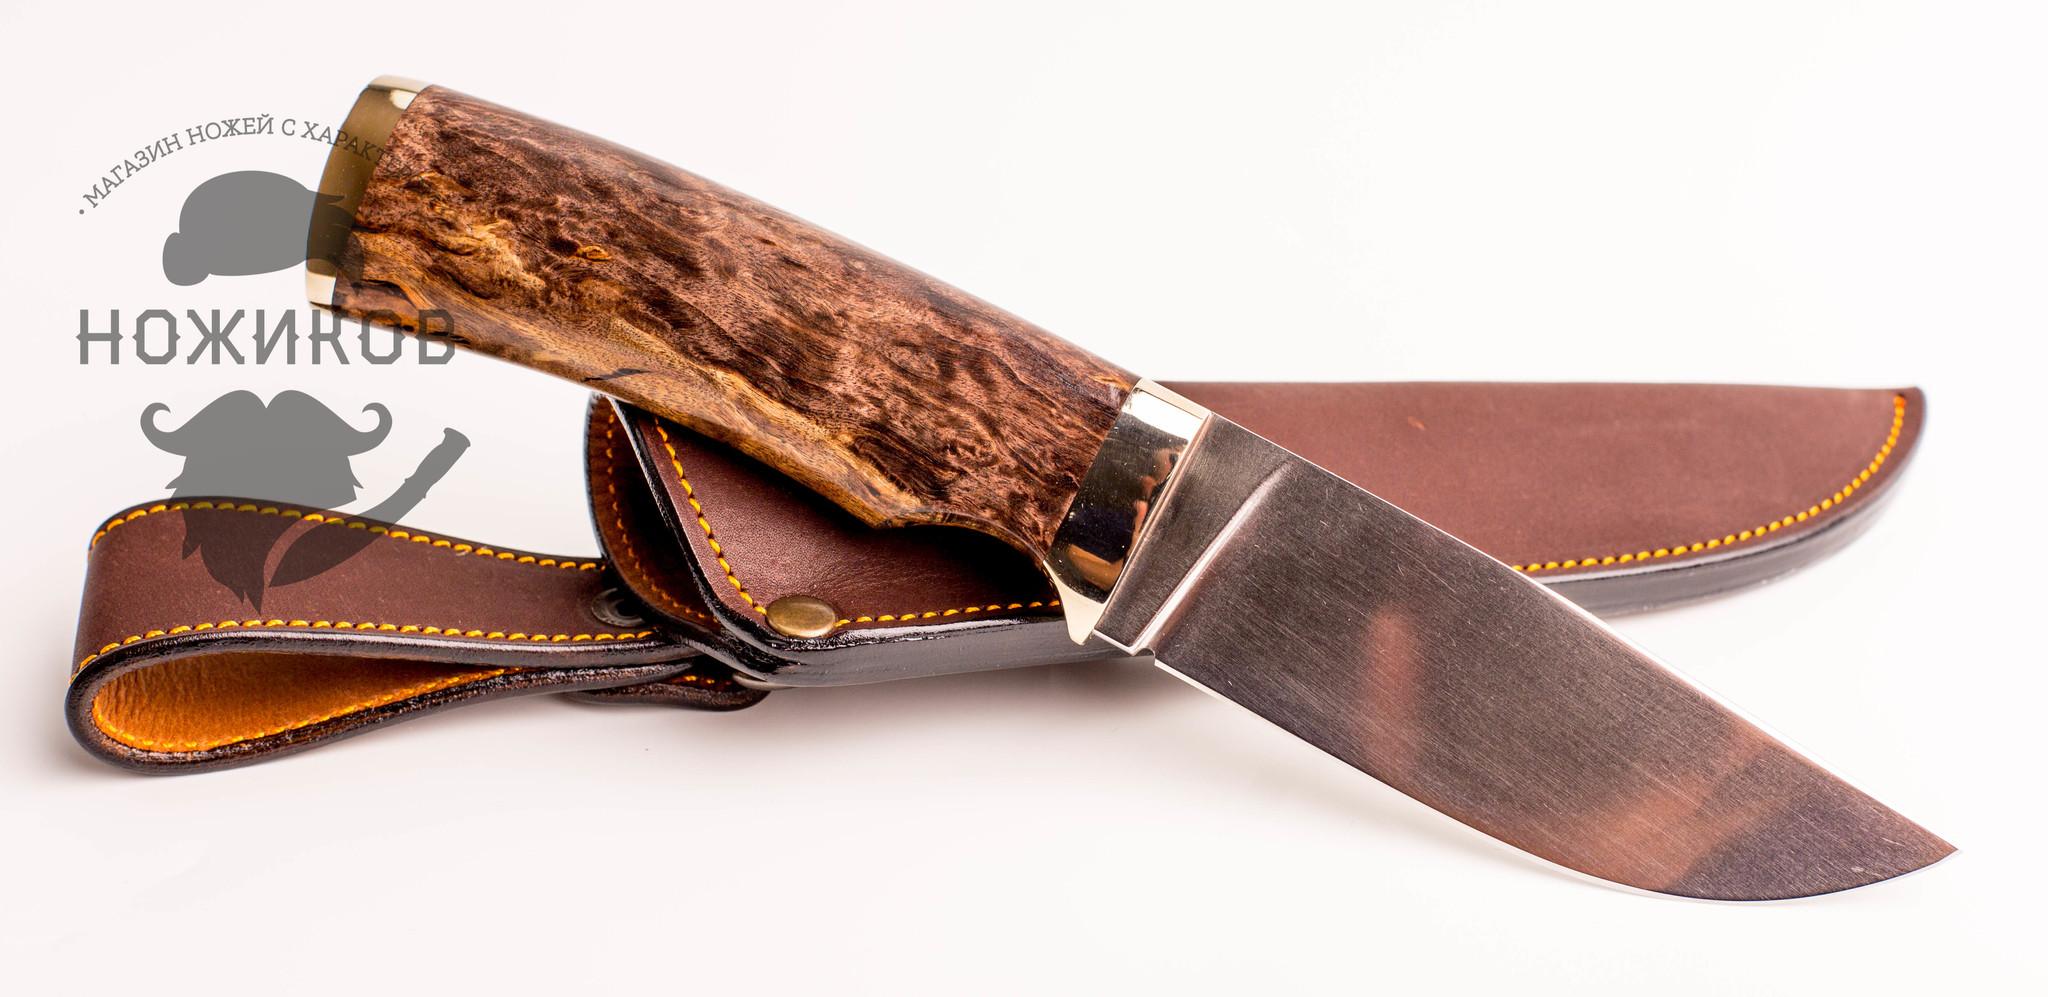 Фото 5 - Нож Охотник, сталь M390, рукоять карельская береза, мельхиор от Мастерская Ульданова